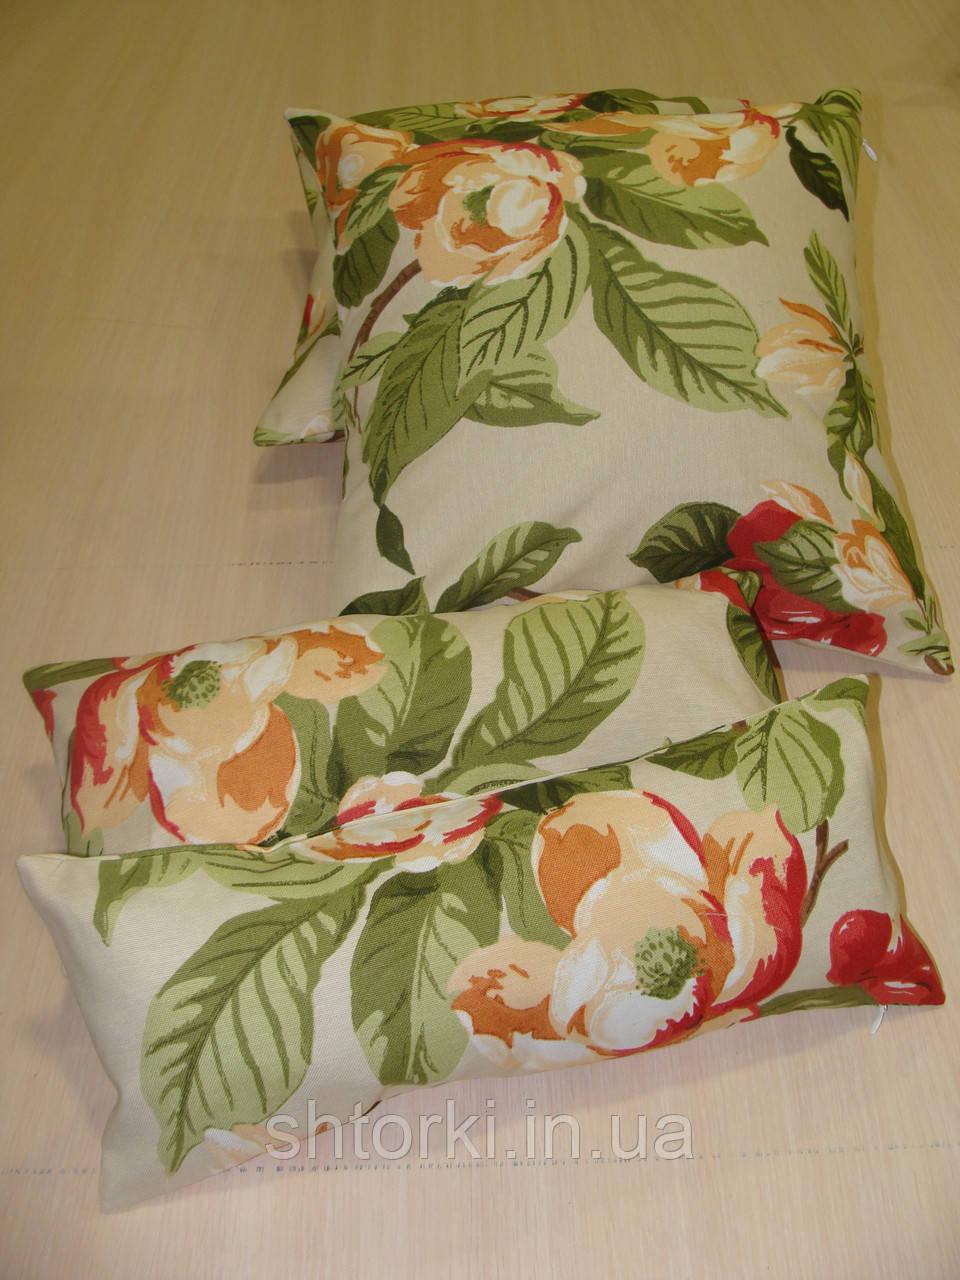 Комплект подушек молочные  с цветами 4шт